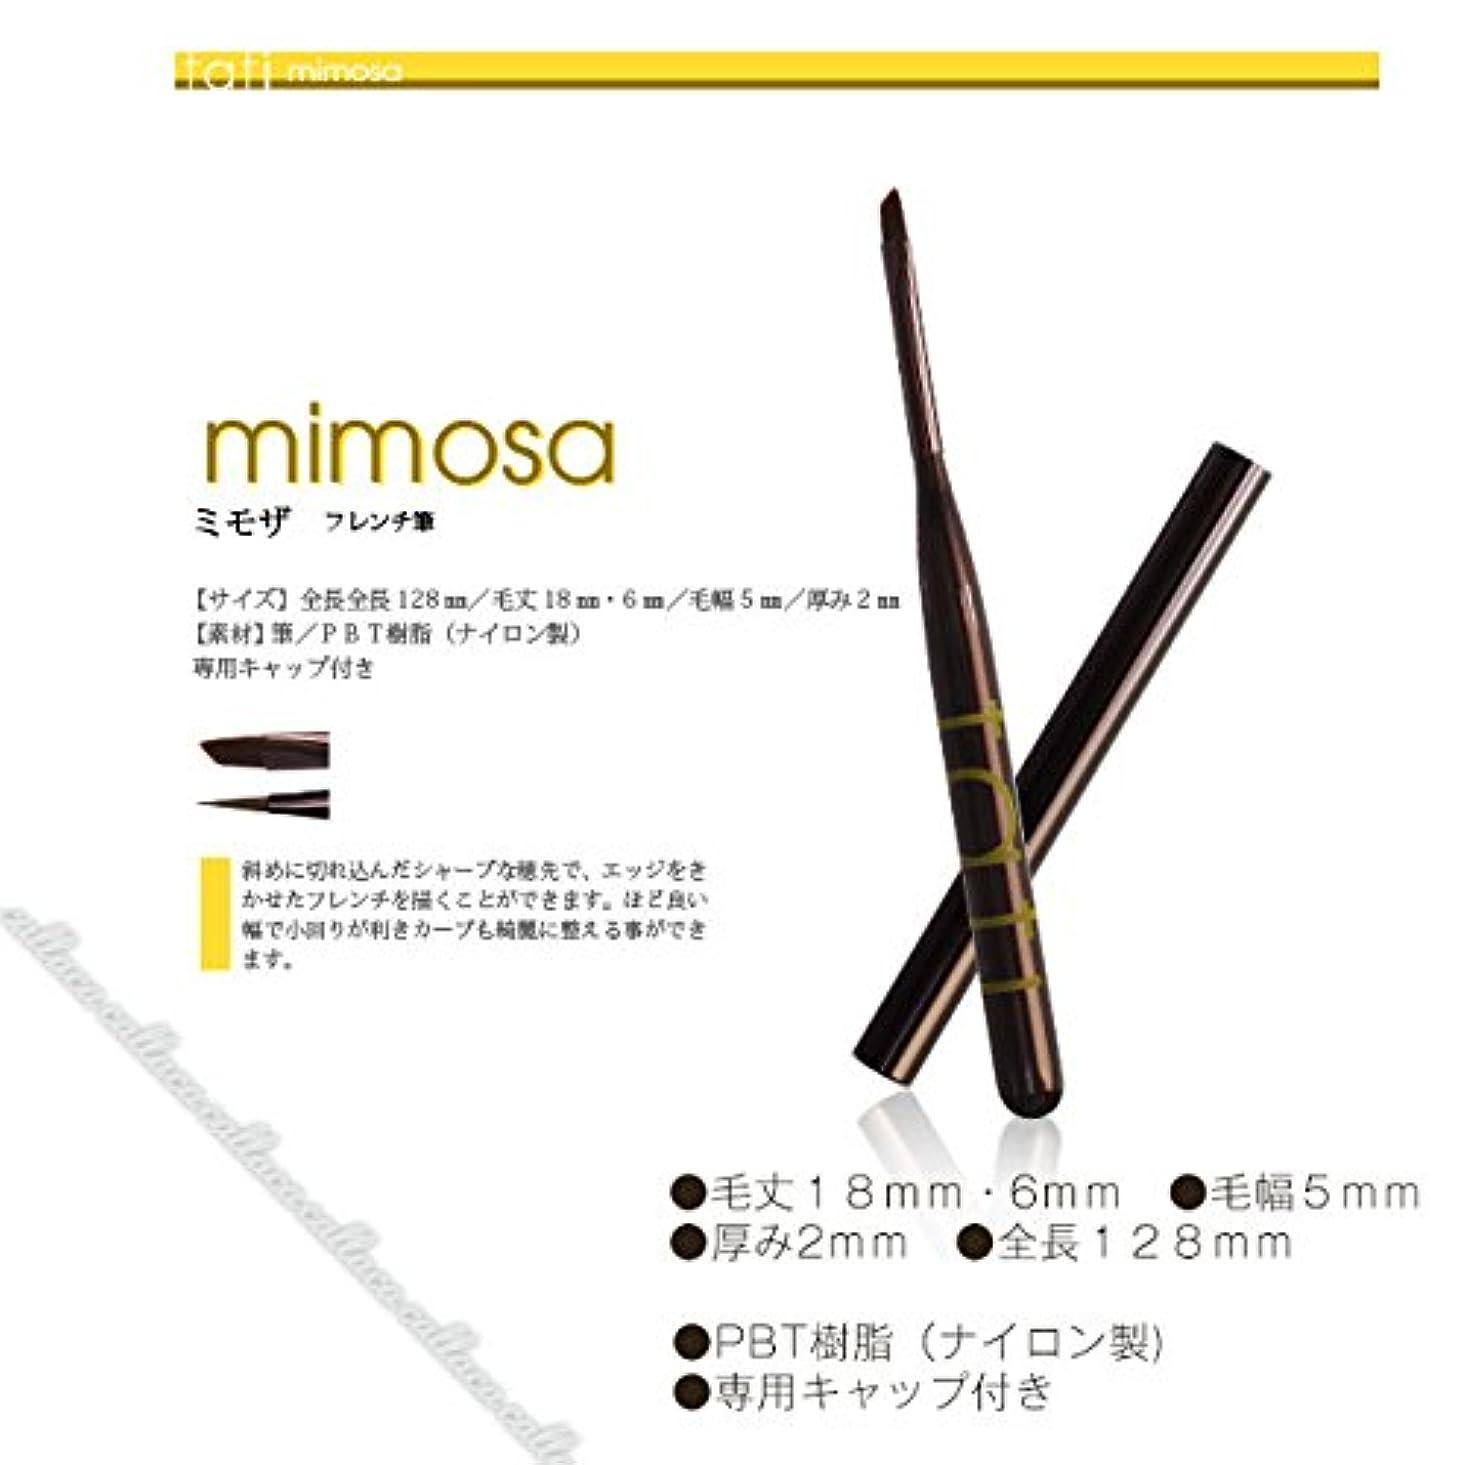 放つ神のクルーtati アートショコラ mimosa (ミモザ)